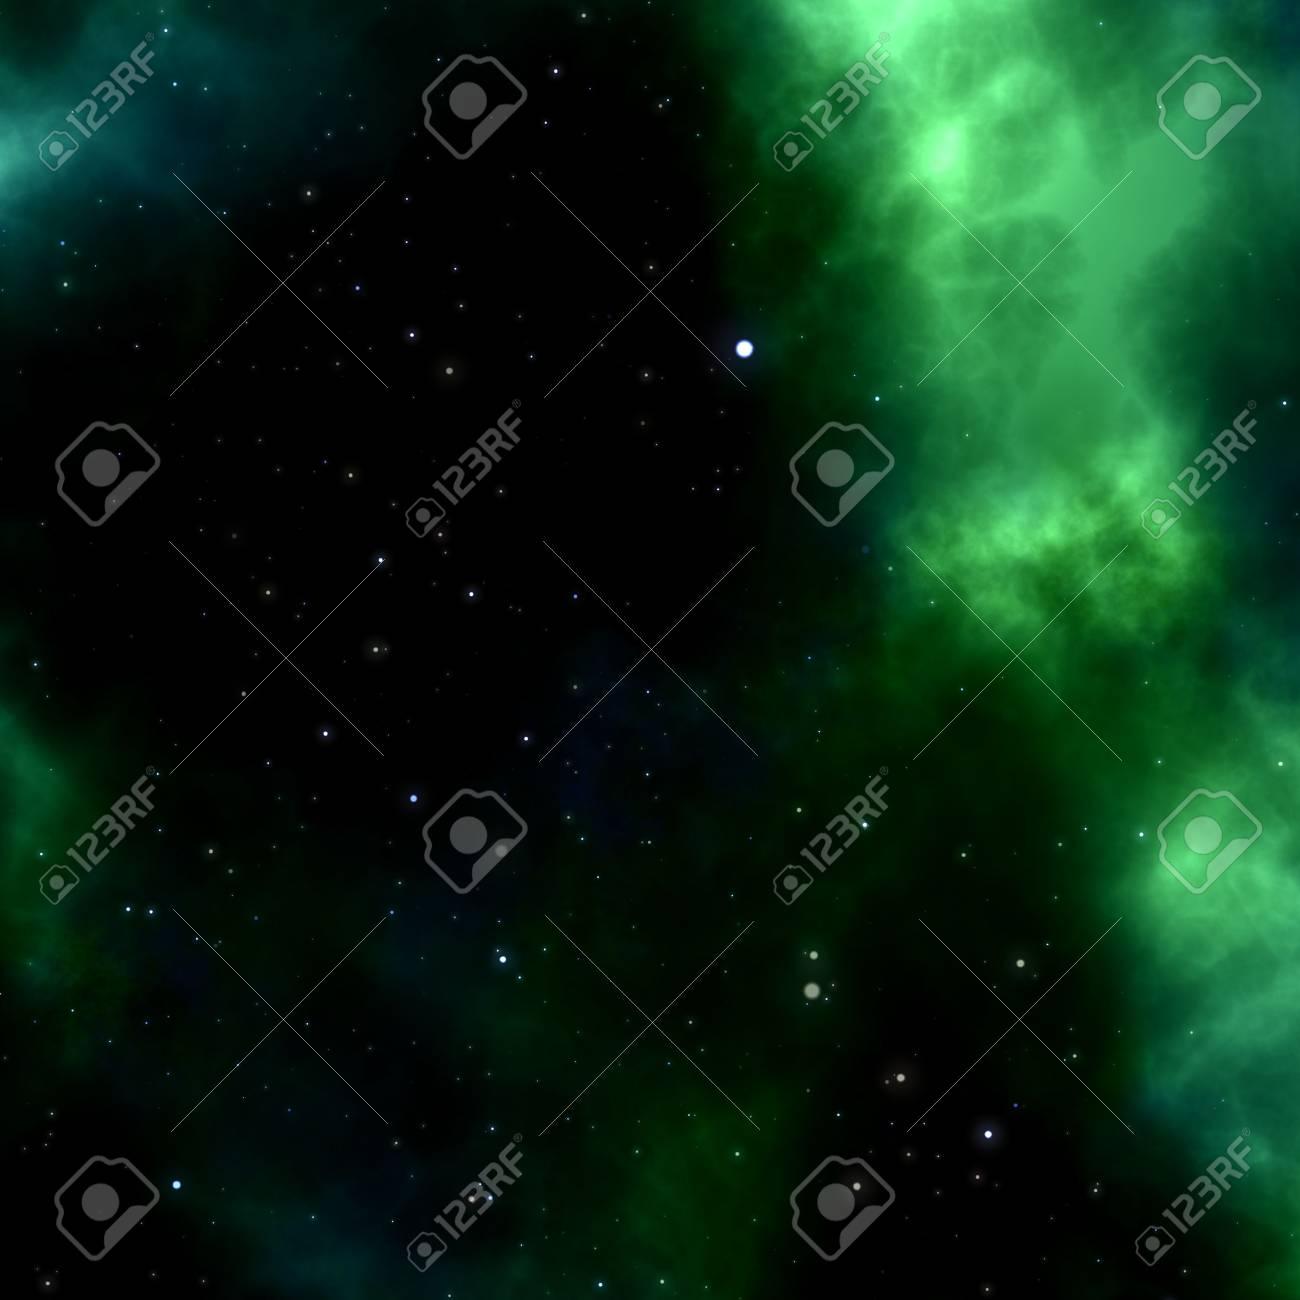 nebula sky Stock Photo - 14982234